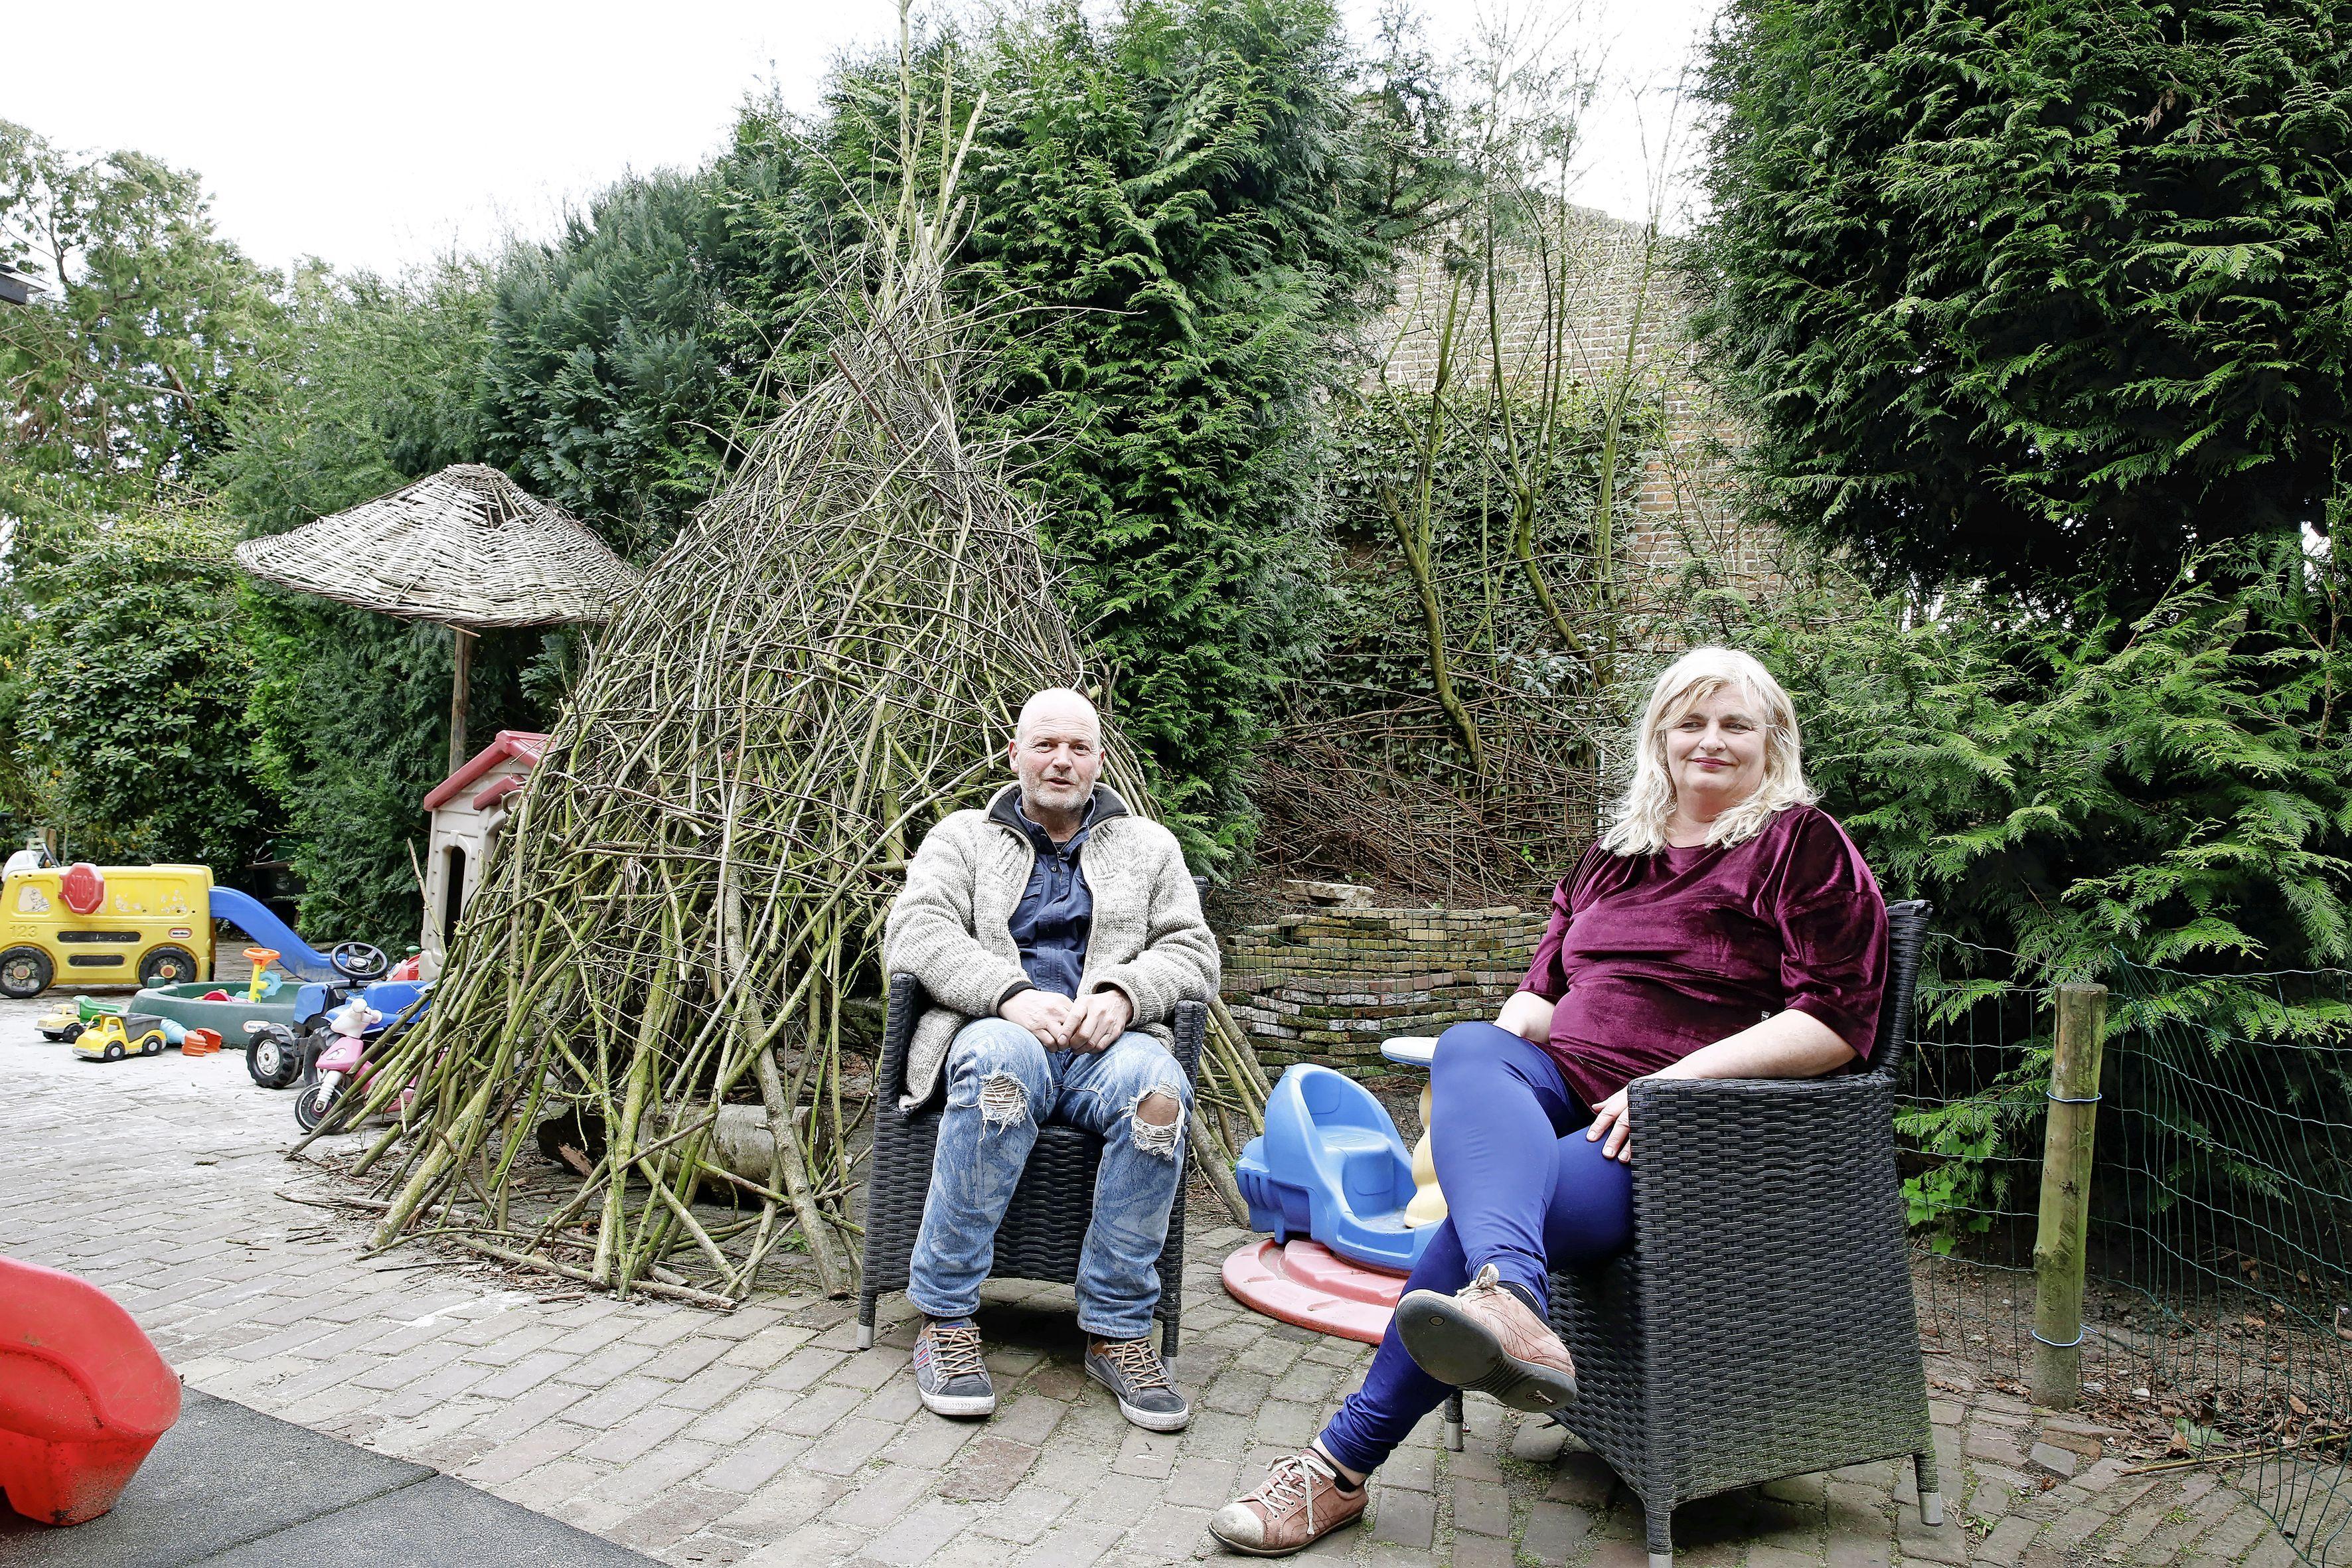 Bewoners in Eemnes zijn verontwaardigd over bouwplannen van achttien appartementen; 'Als daar een balkon komt, kijken ze zo bij ons in de tuin'